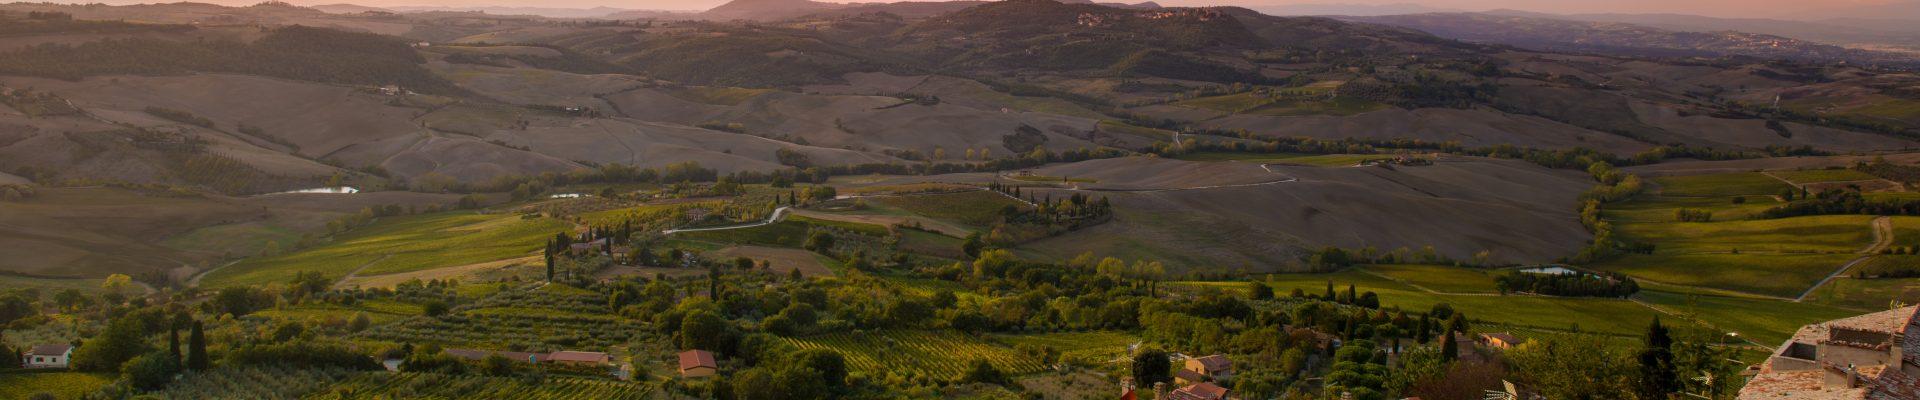 Un panorama avec un village de provence au premier plan